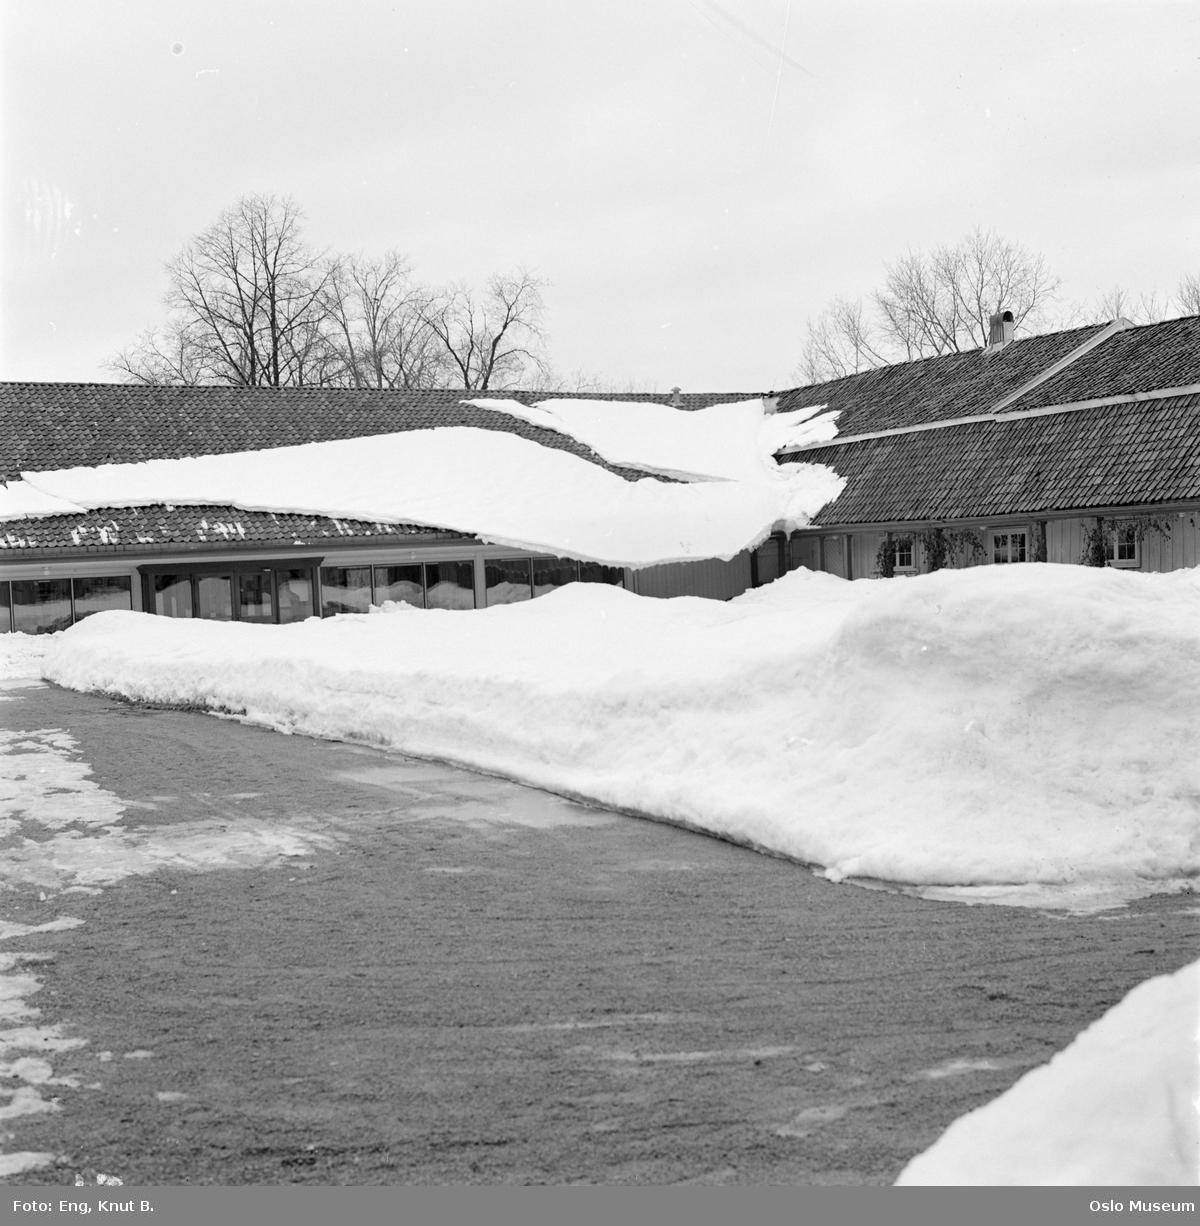 Frogner hovedgård, Oslo Bymuseum, gårdsplass, snøskavl